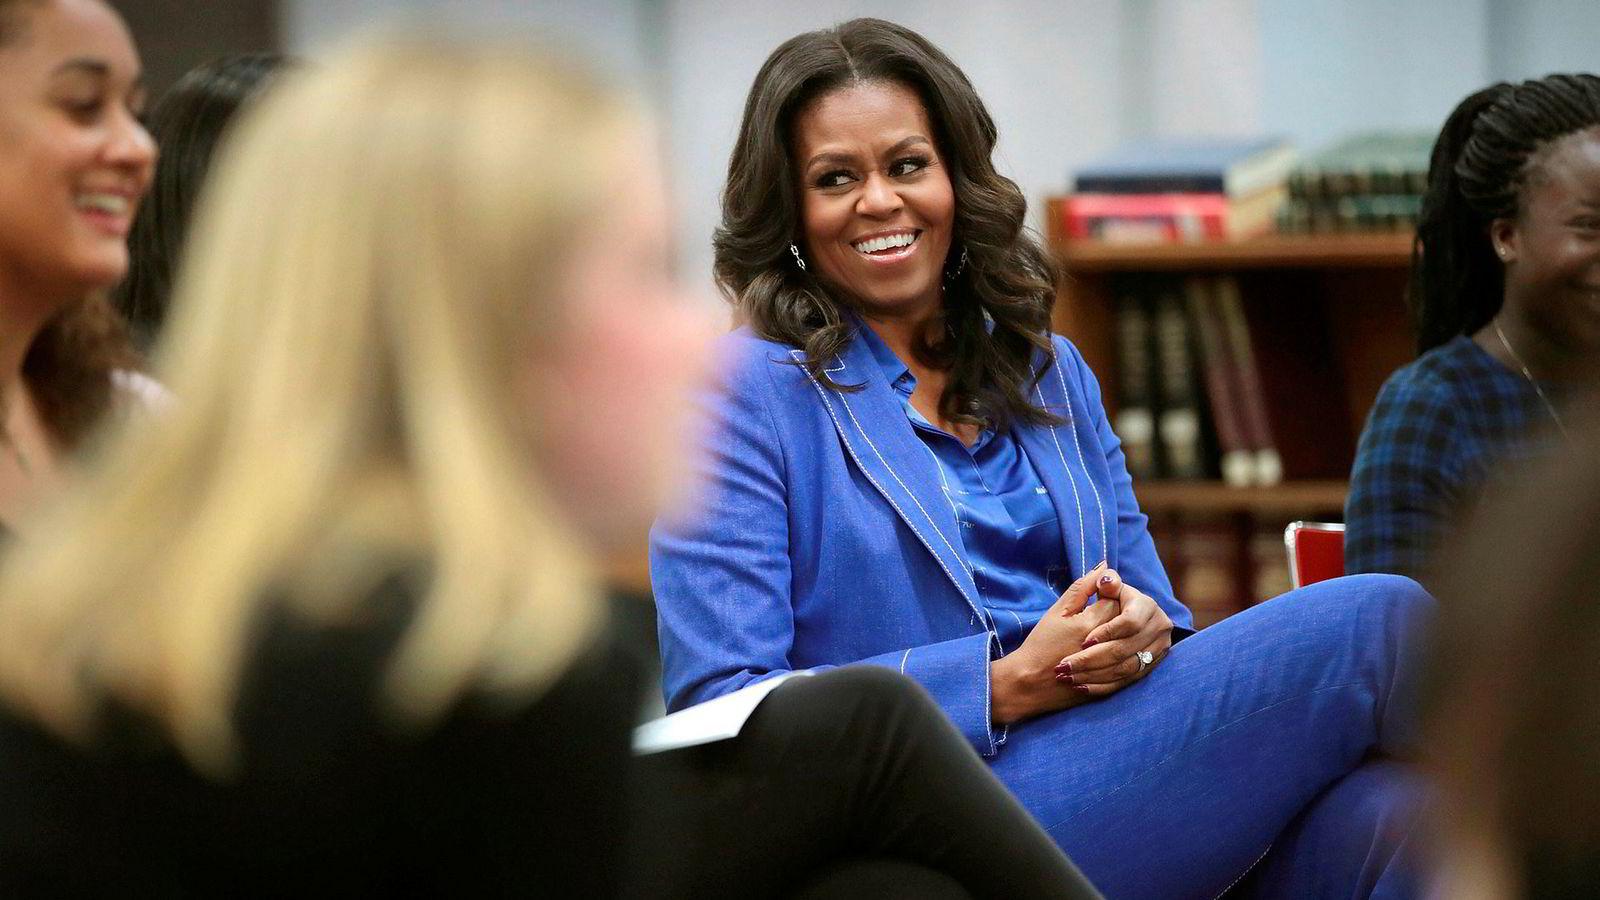 Tidligere førstedame Michelle Obamas «Min Historie» ble lansert i Skandinavia noen timer før den ble sluppet i USA. «Min Historie» er først og fremst en bok for menigheten, mener DNs anmelder.